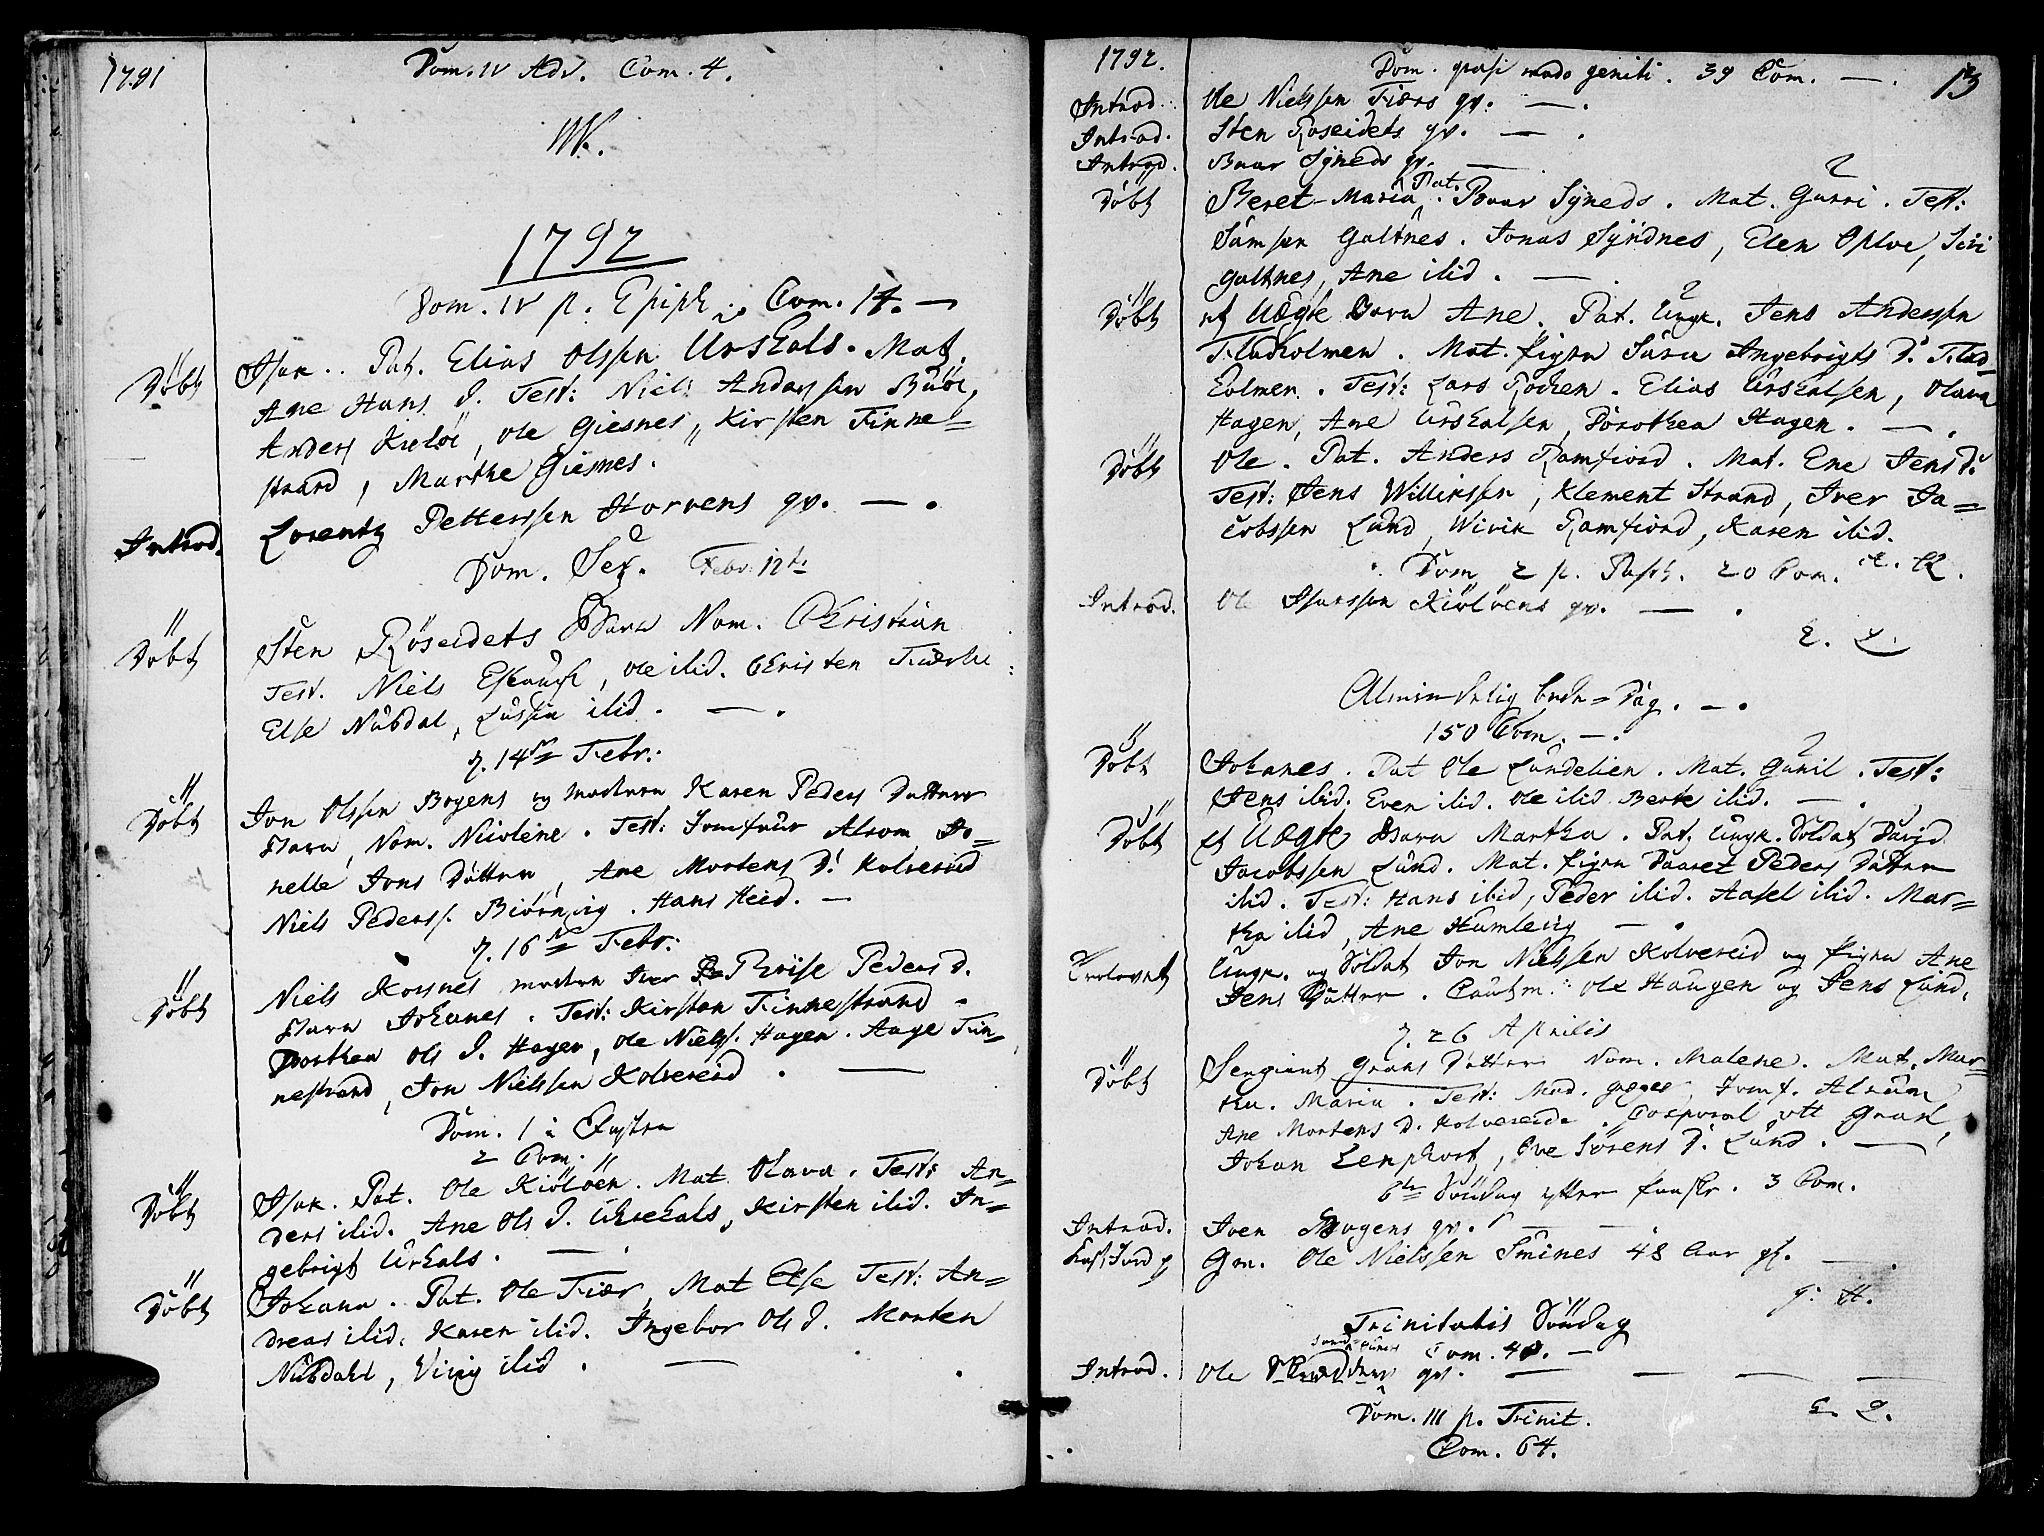 SAT, Ministerialprotokoller, klokkerbøker og fødselsregistre - Nord-Trøndelag, 780/L0633: Ministerialbok nr. 780A02 /1, 1787-1814, s. 13